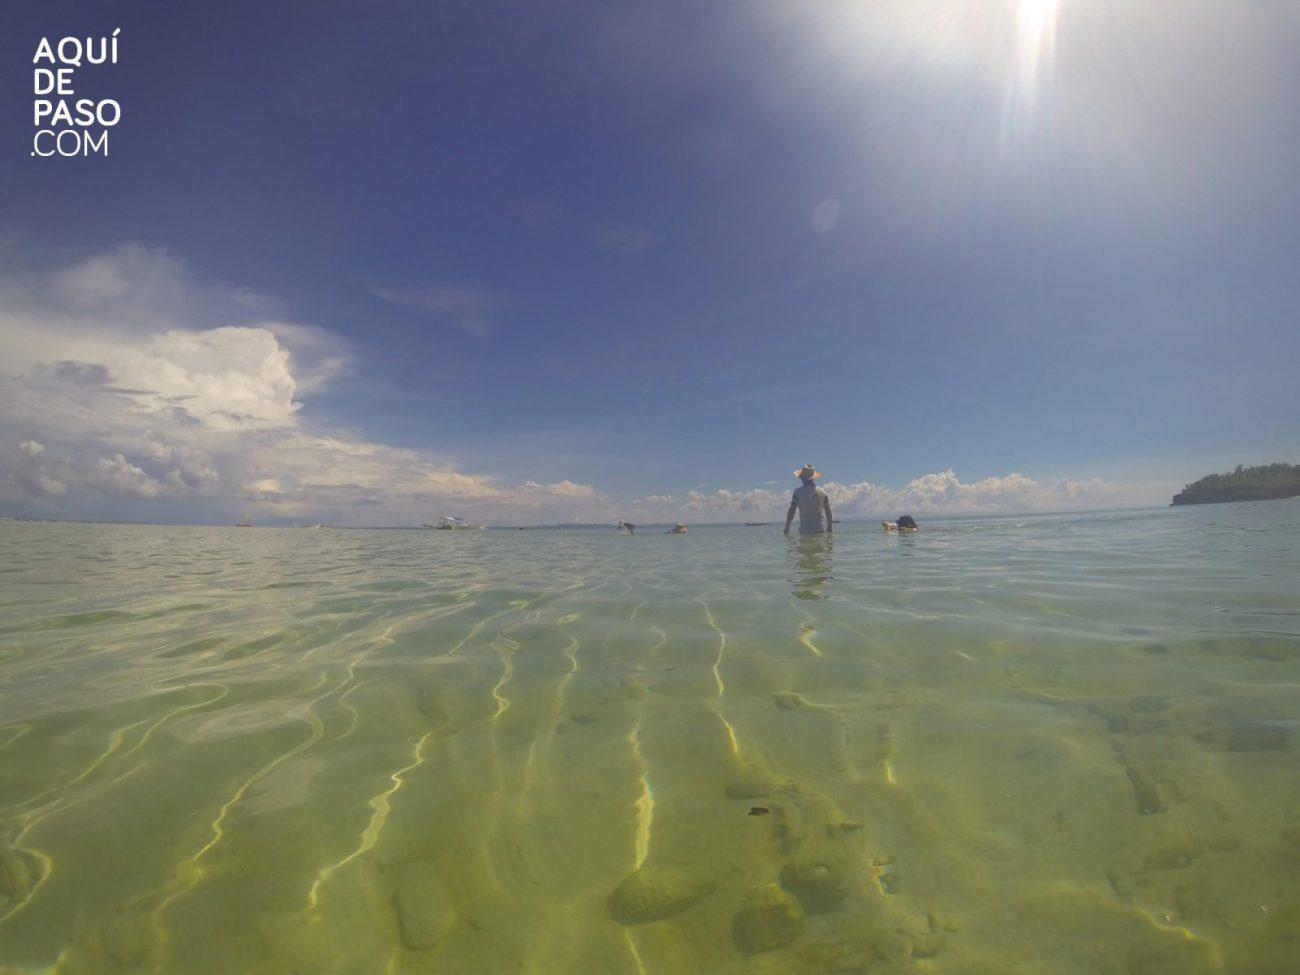 Bantayan Filipinas - Aquidepaso.com